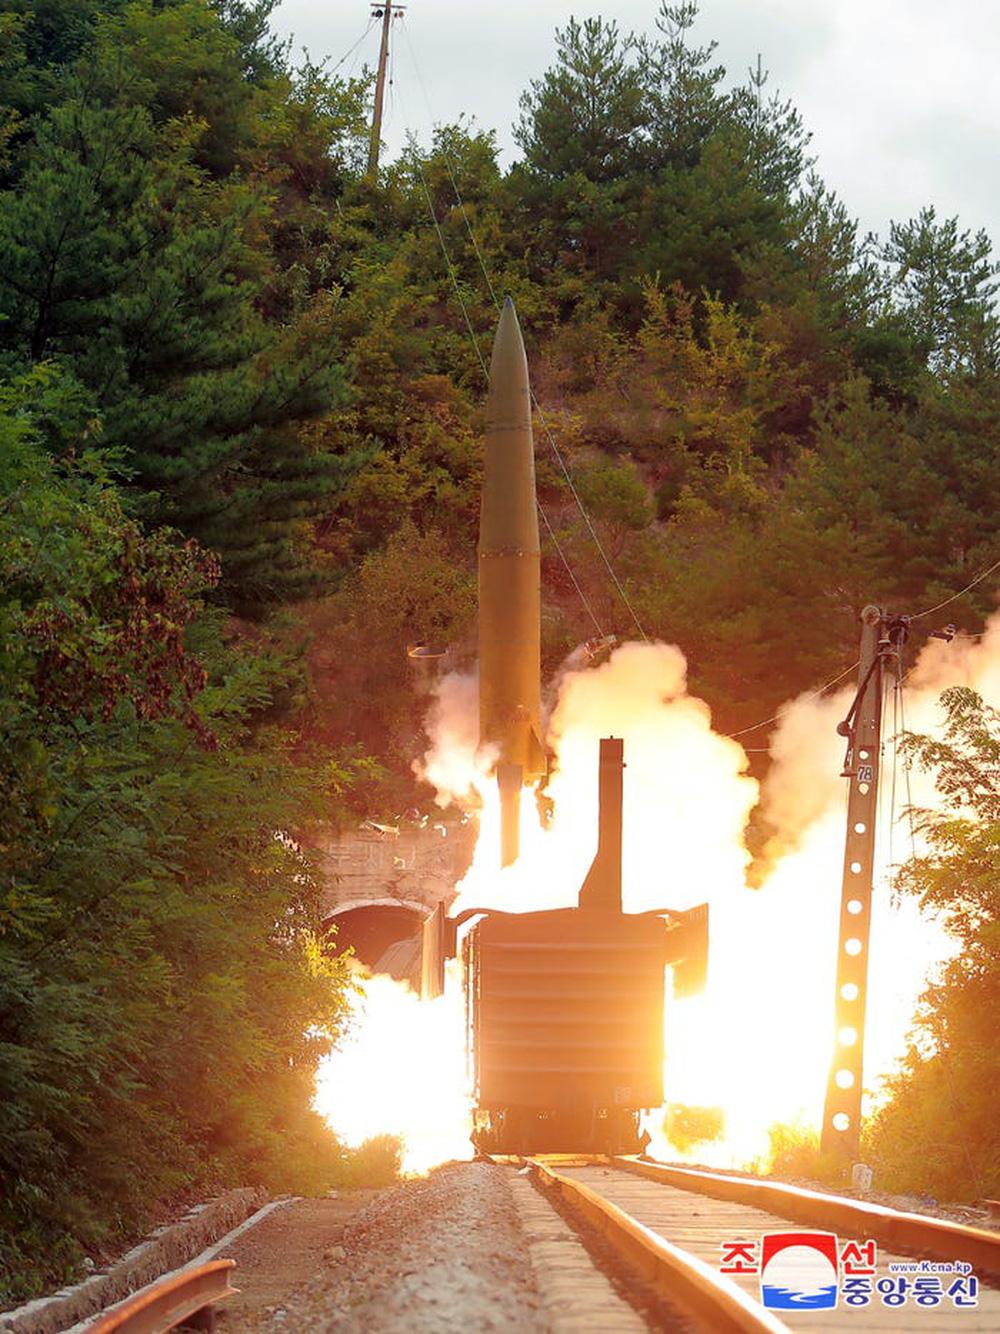 Trình độ công nghệ Triều Tiên đã cho phép bắn tên lửa đạn đạo từ tàu hỏa - Ảnh 1.